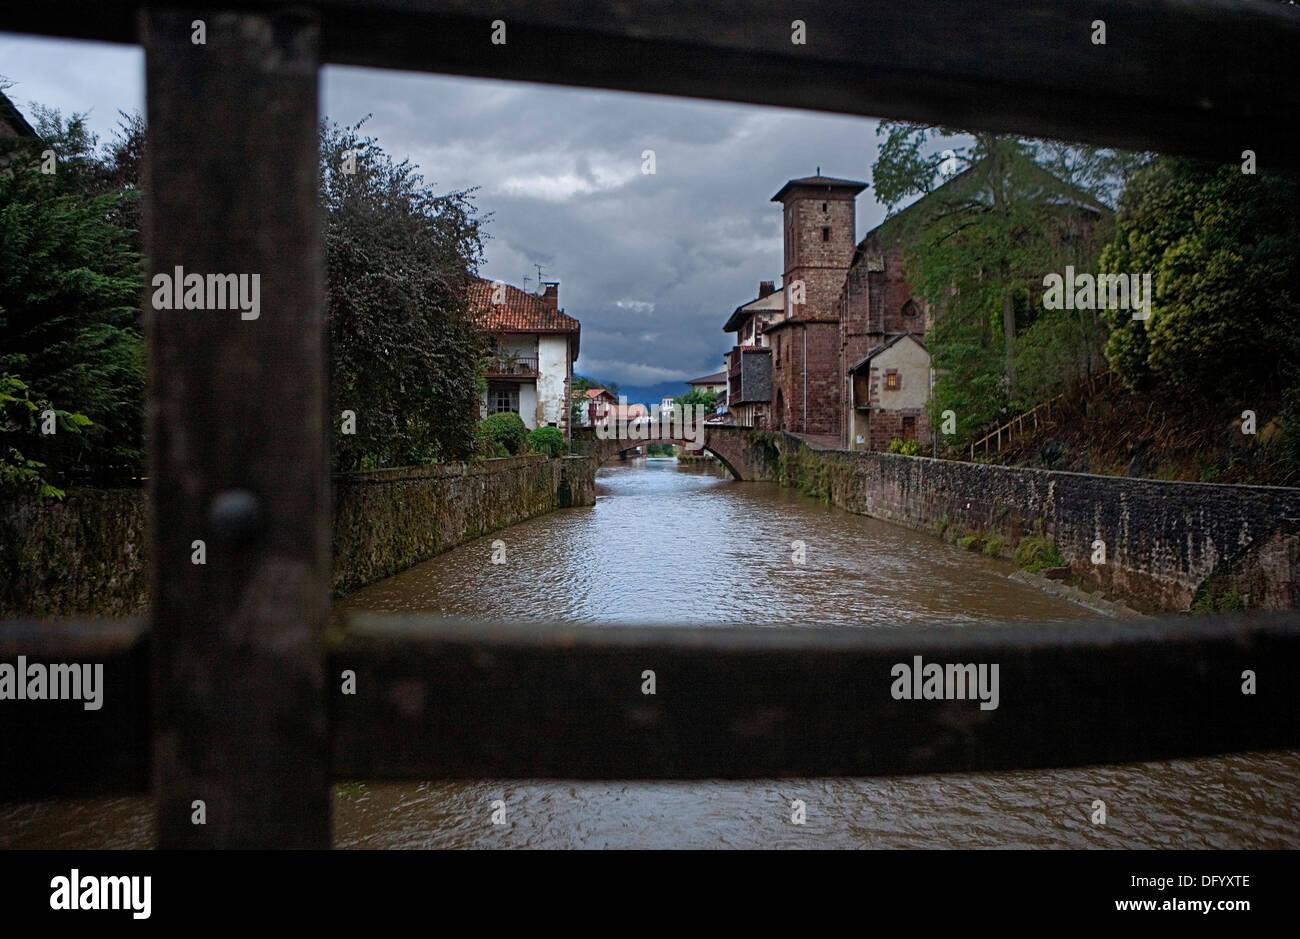 Nive river. Saint-Jean-Pied-de-Port. Aquitaine. France. Camino de Santiago - Stock Image